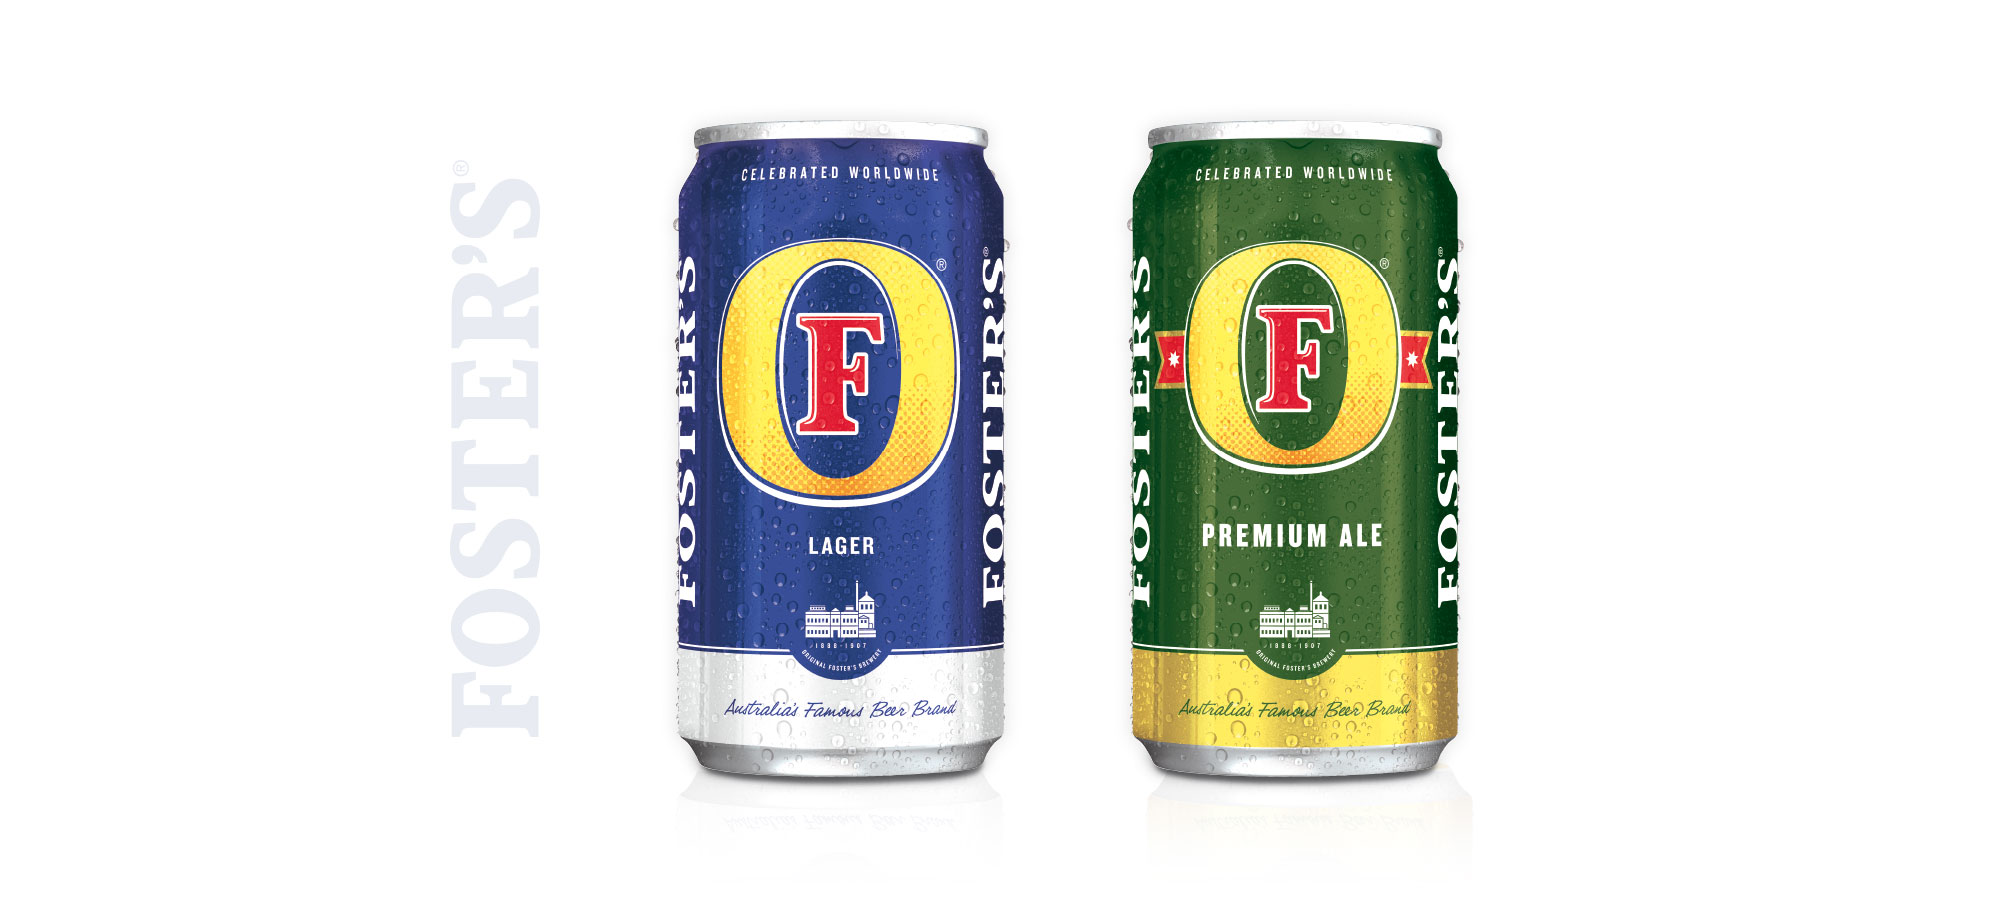 Latas de cerveza Foster's